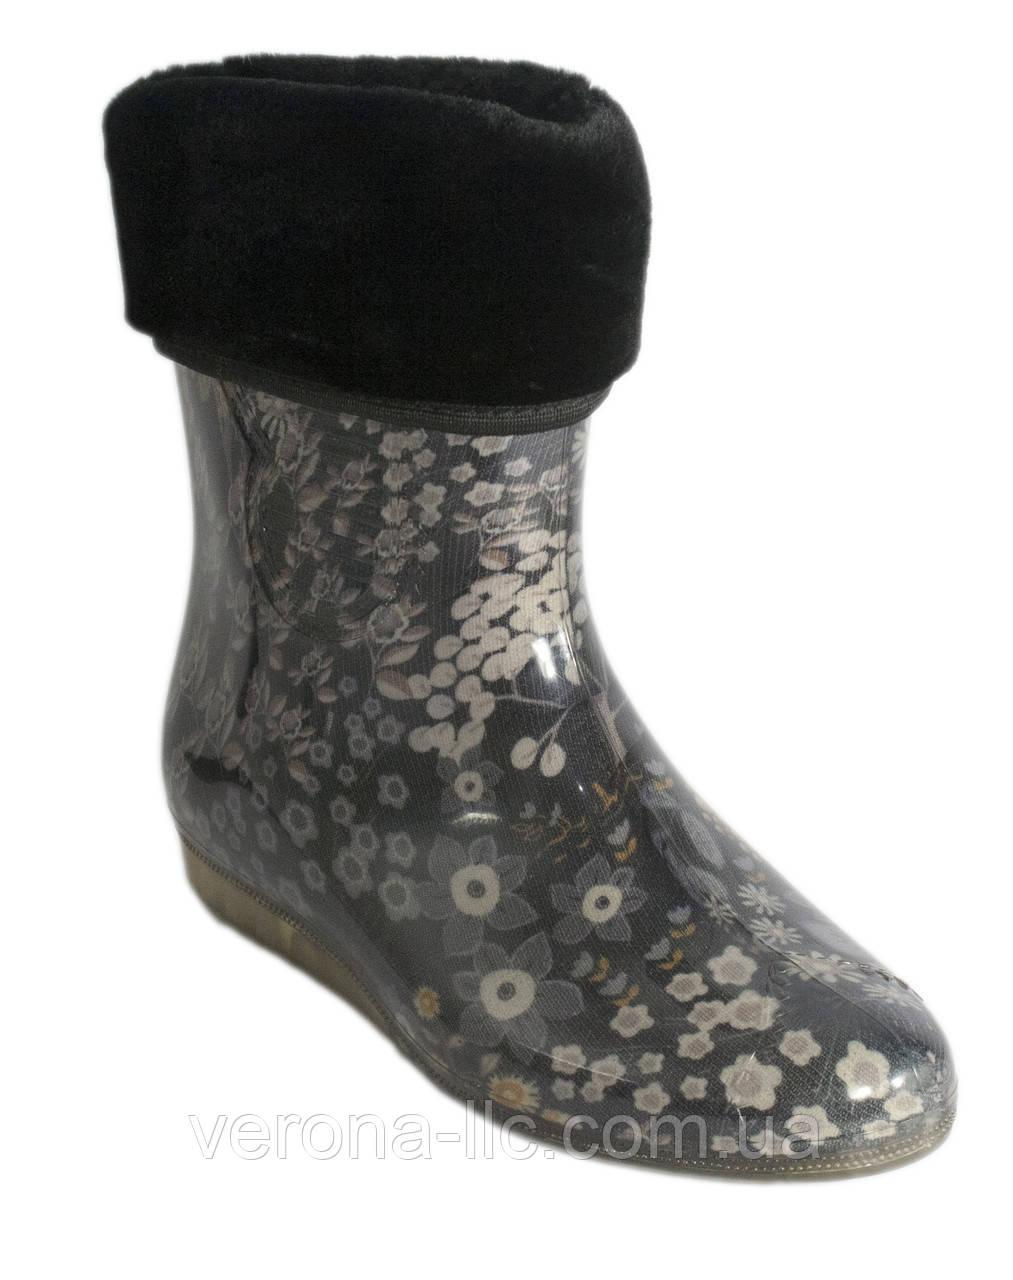 da380e811 Сапоги резиновые женские силиконовые с мехом - Производство обуви